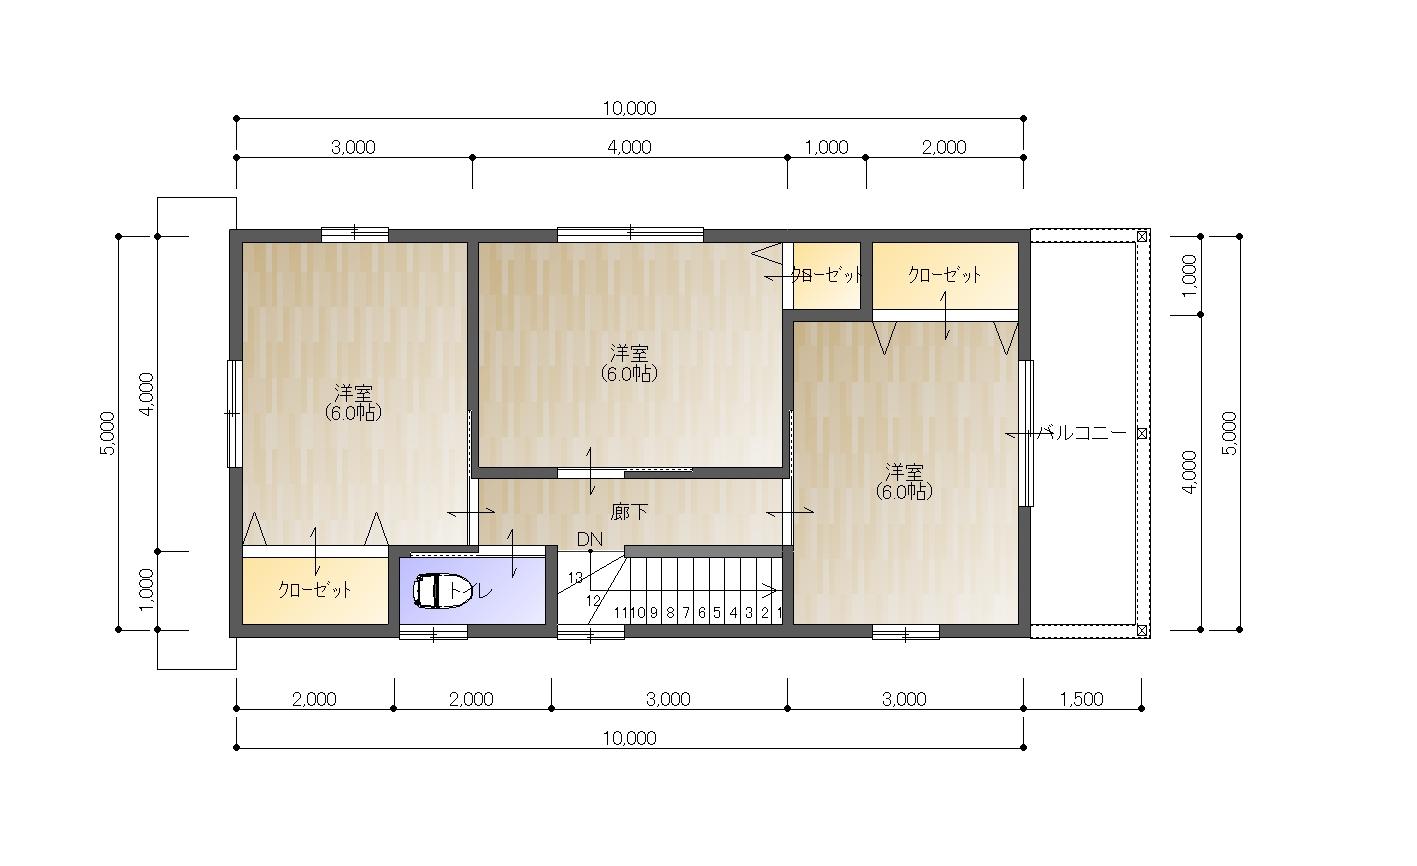 宇和津町プラン住宅2F平面図(※実際の建物と異なる場合があります。)